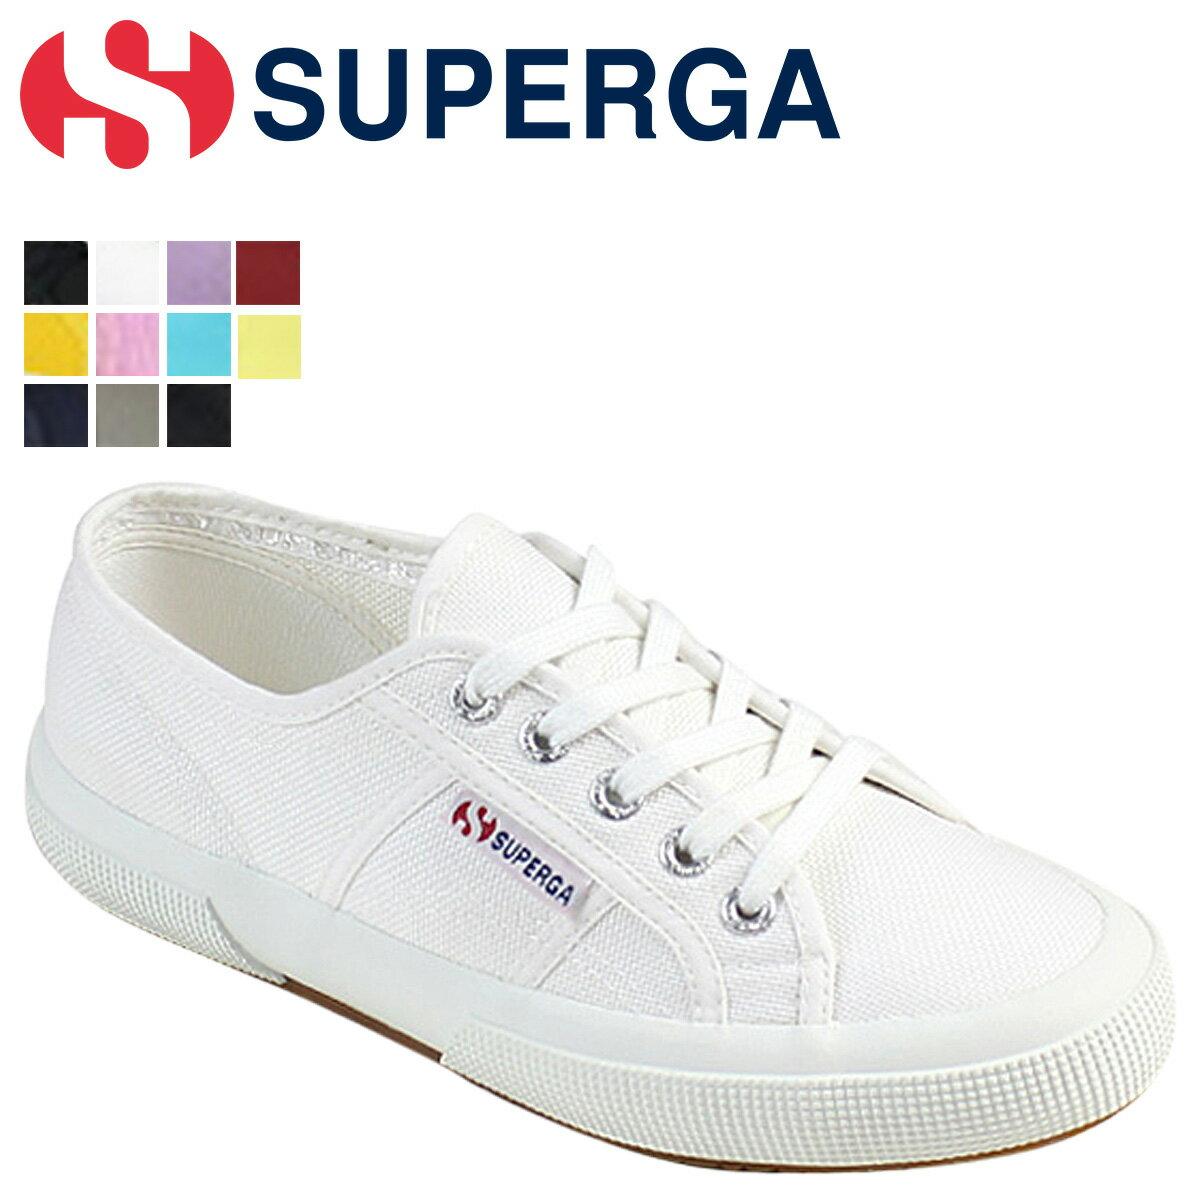 スペルガ SUPERGA スニーカー レディース 2750 COTU CLASSIC S000010 メンズ 【S20】【返品不可】